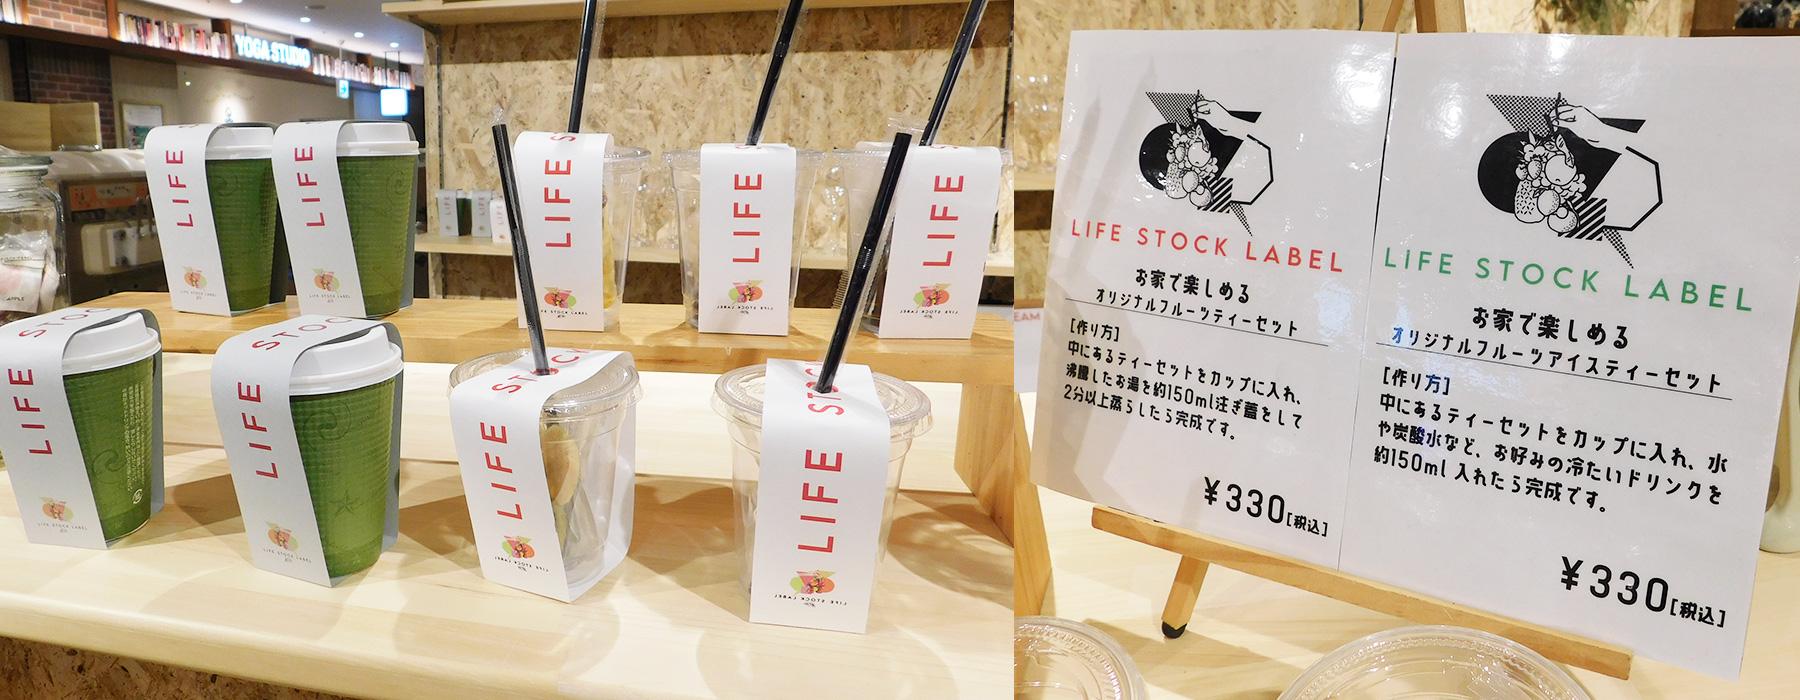 白神ワイナリー LIFE STOCK LABEL